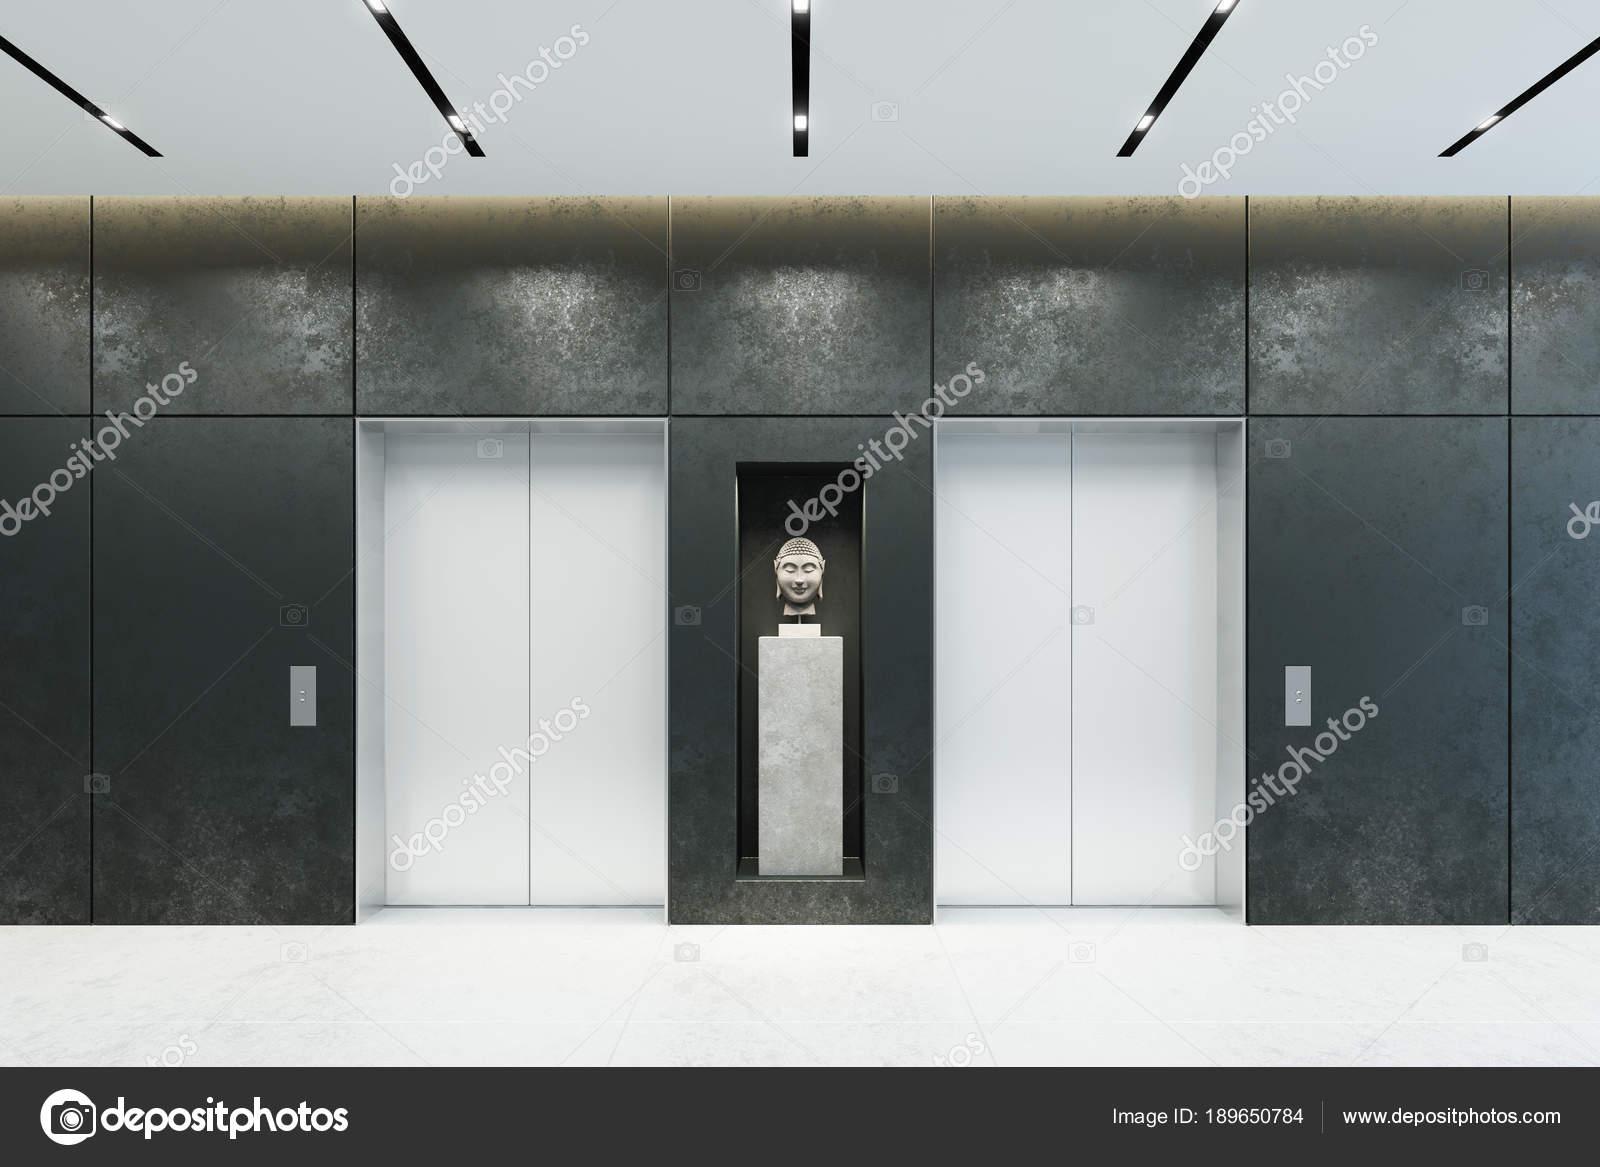 Porta Ingresso Ufficio : Moderno ascensore con porte chiuse nellingresso dellufficio u2014 foto